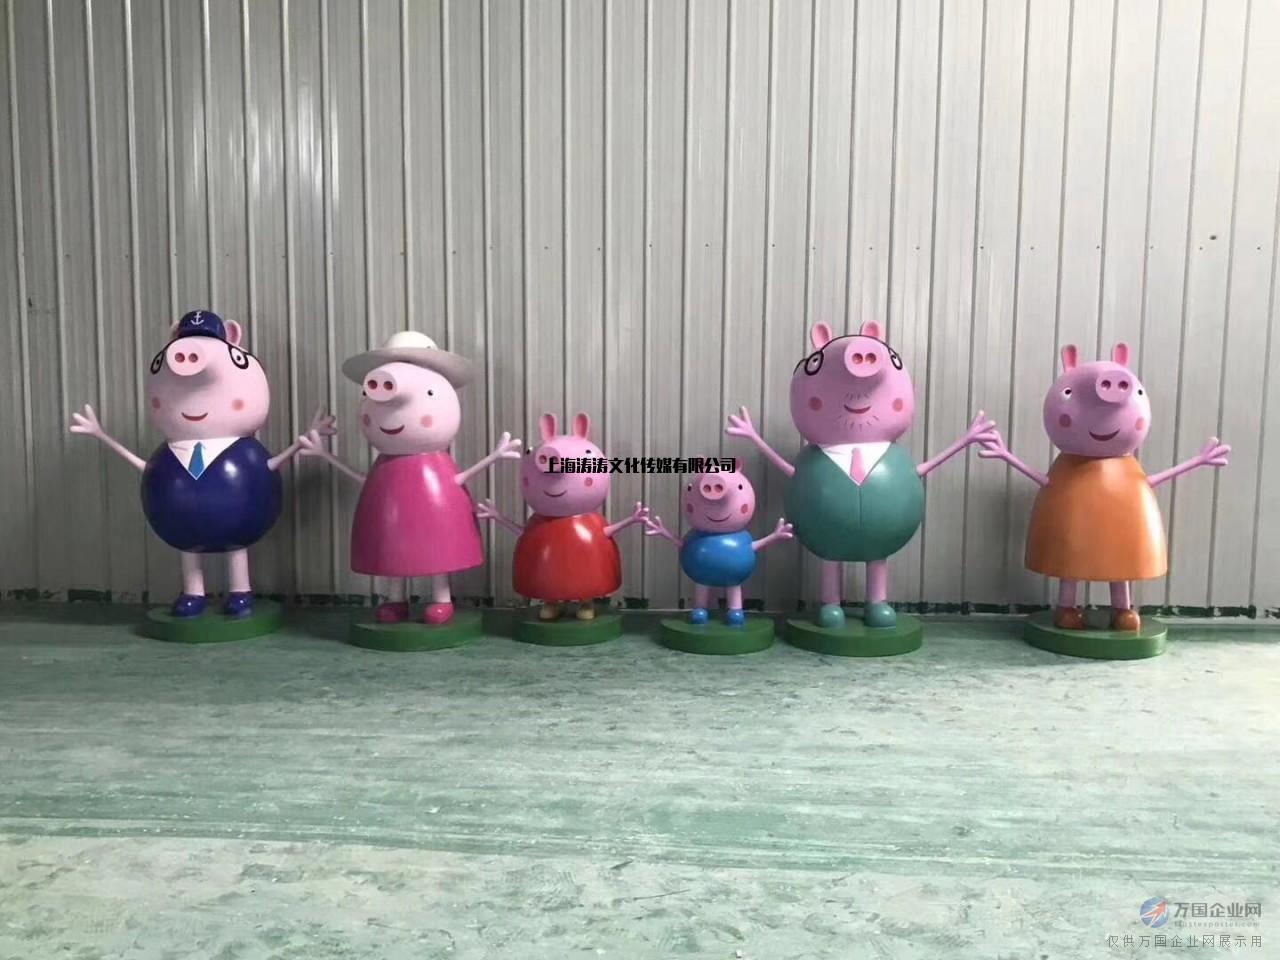 2018网红小猪佩奇模型出租小猪佩奇卡通雕塑租赁